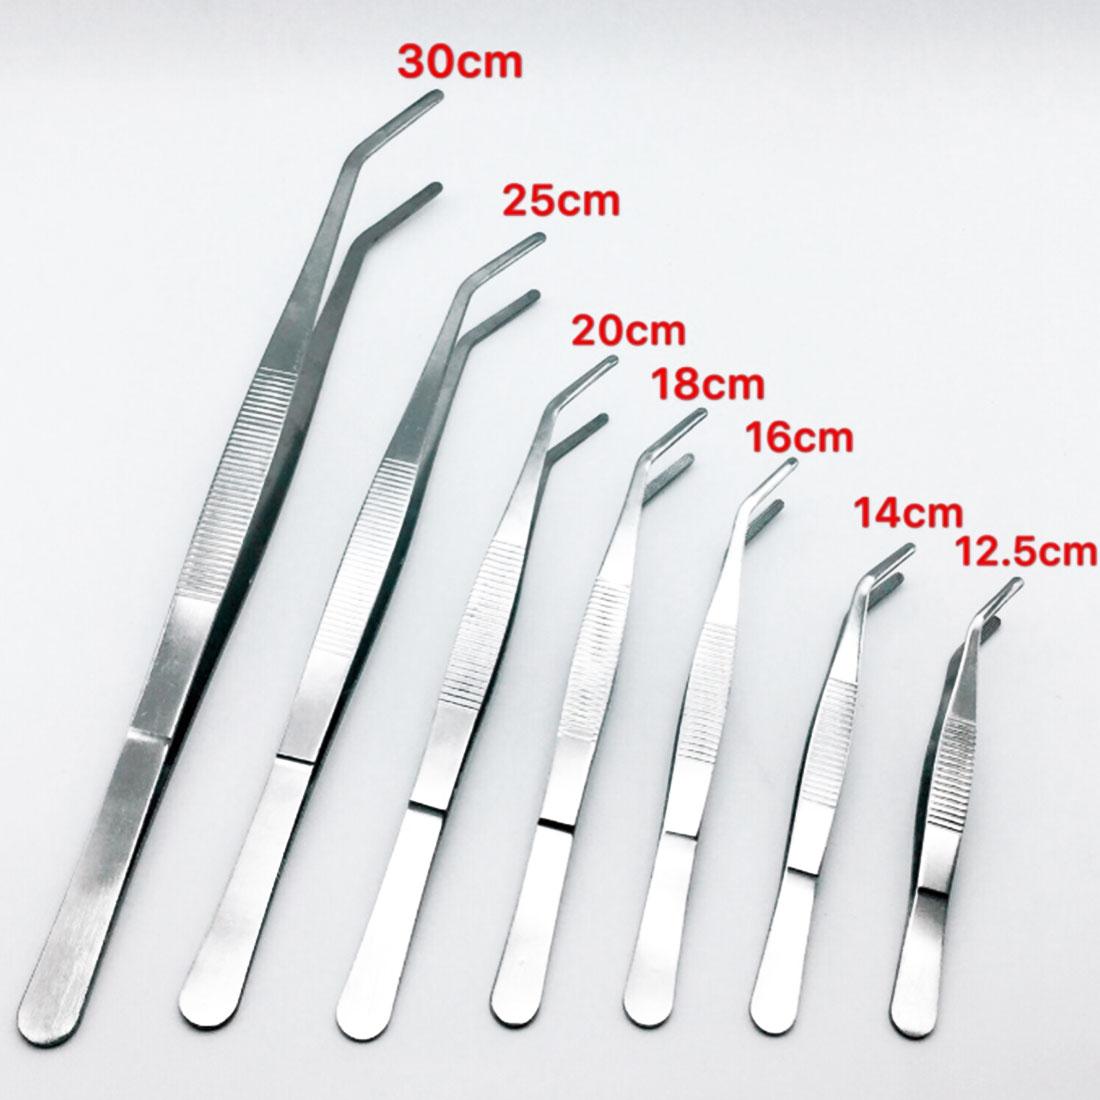 Handwerkzeuge Selbstlos Edelstahl Ellenbogen Pinzette 12,5 Cm/14 Cm/16 Cm/18 Cm/20 Cm/25 Cm/30 Cm Clear Clip Werkzeug Medical Reparatur Werkzeuge Werkzeuge